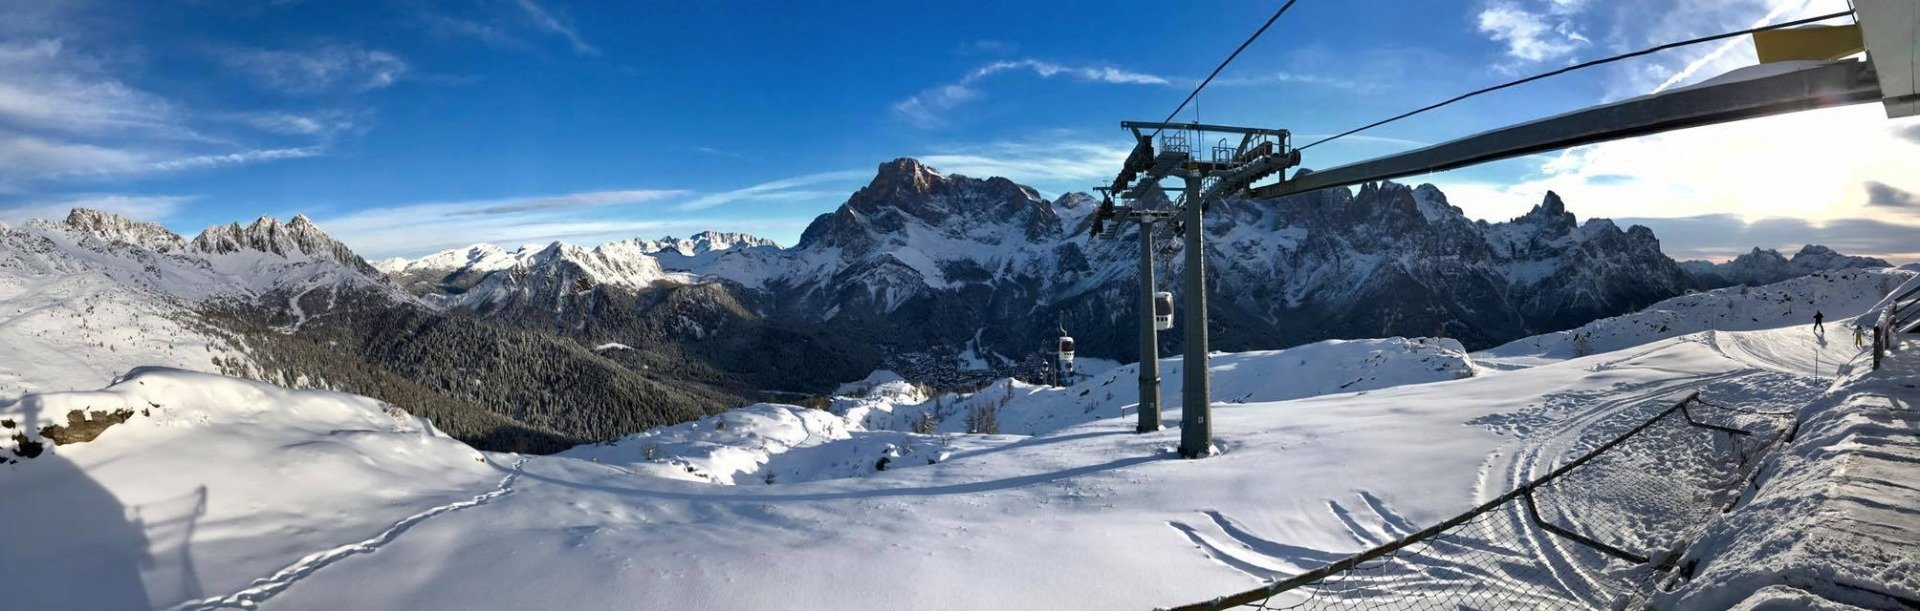 San Martino di Castrozza - © Alpe Tognola San Martino di Castrozza Facebook